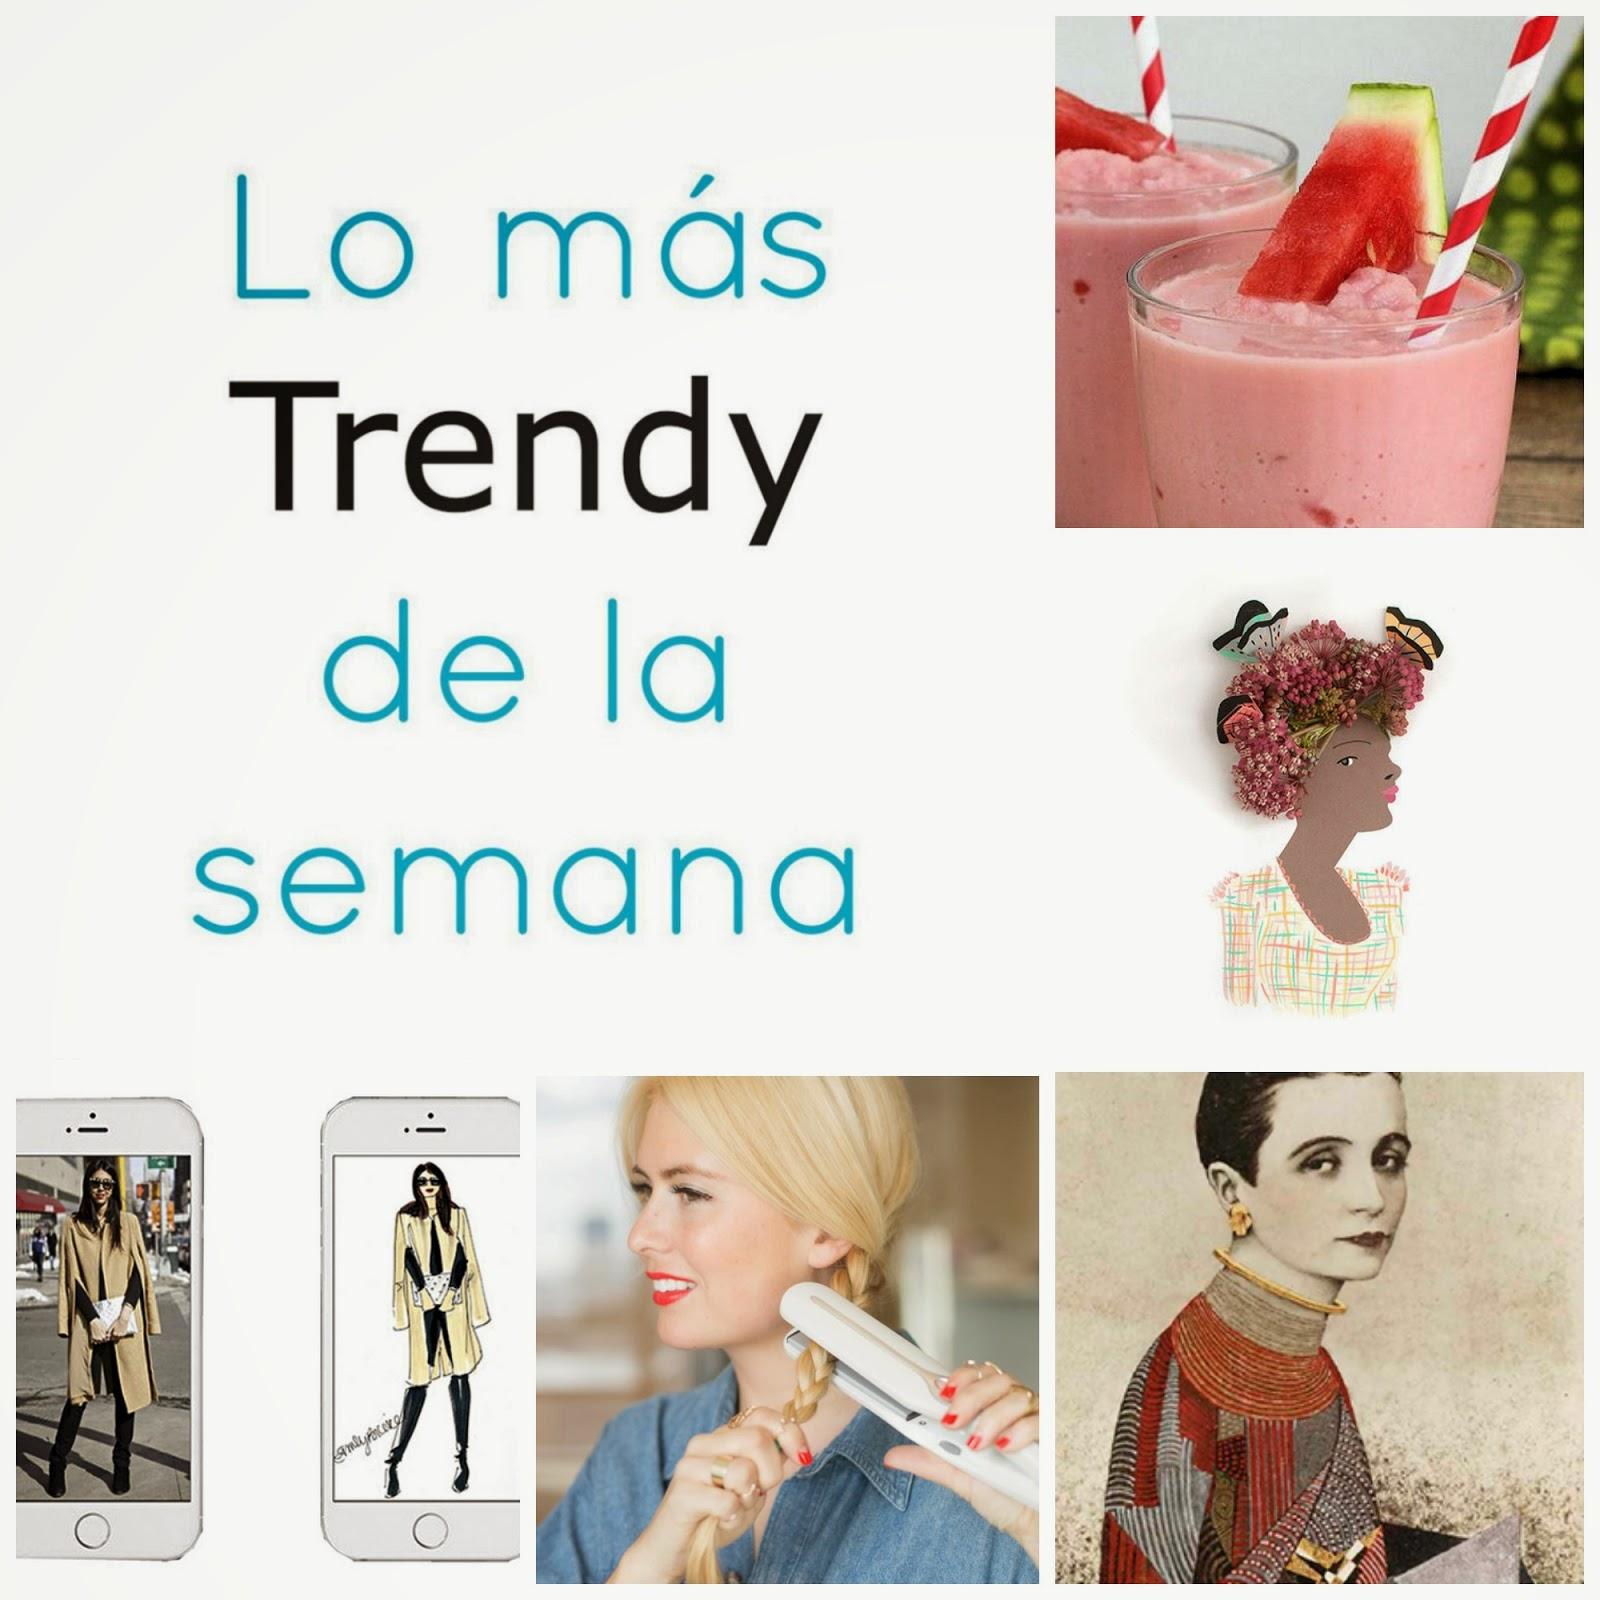 Lo mas trendy de la semana planes recomendaciones fin de semana Madrid estilo de vida estilista Arte cultura moda